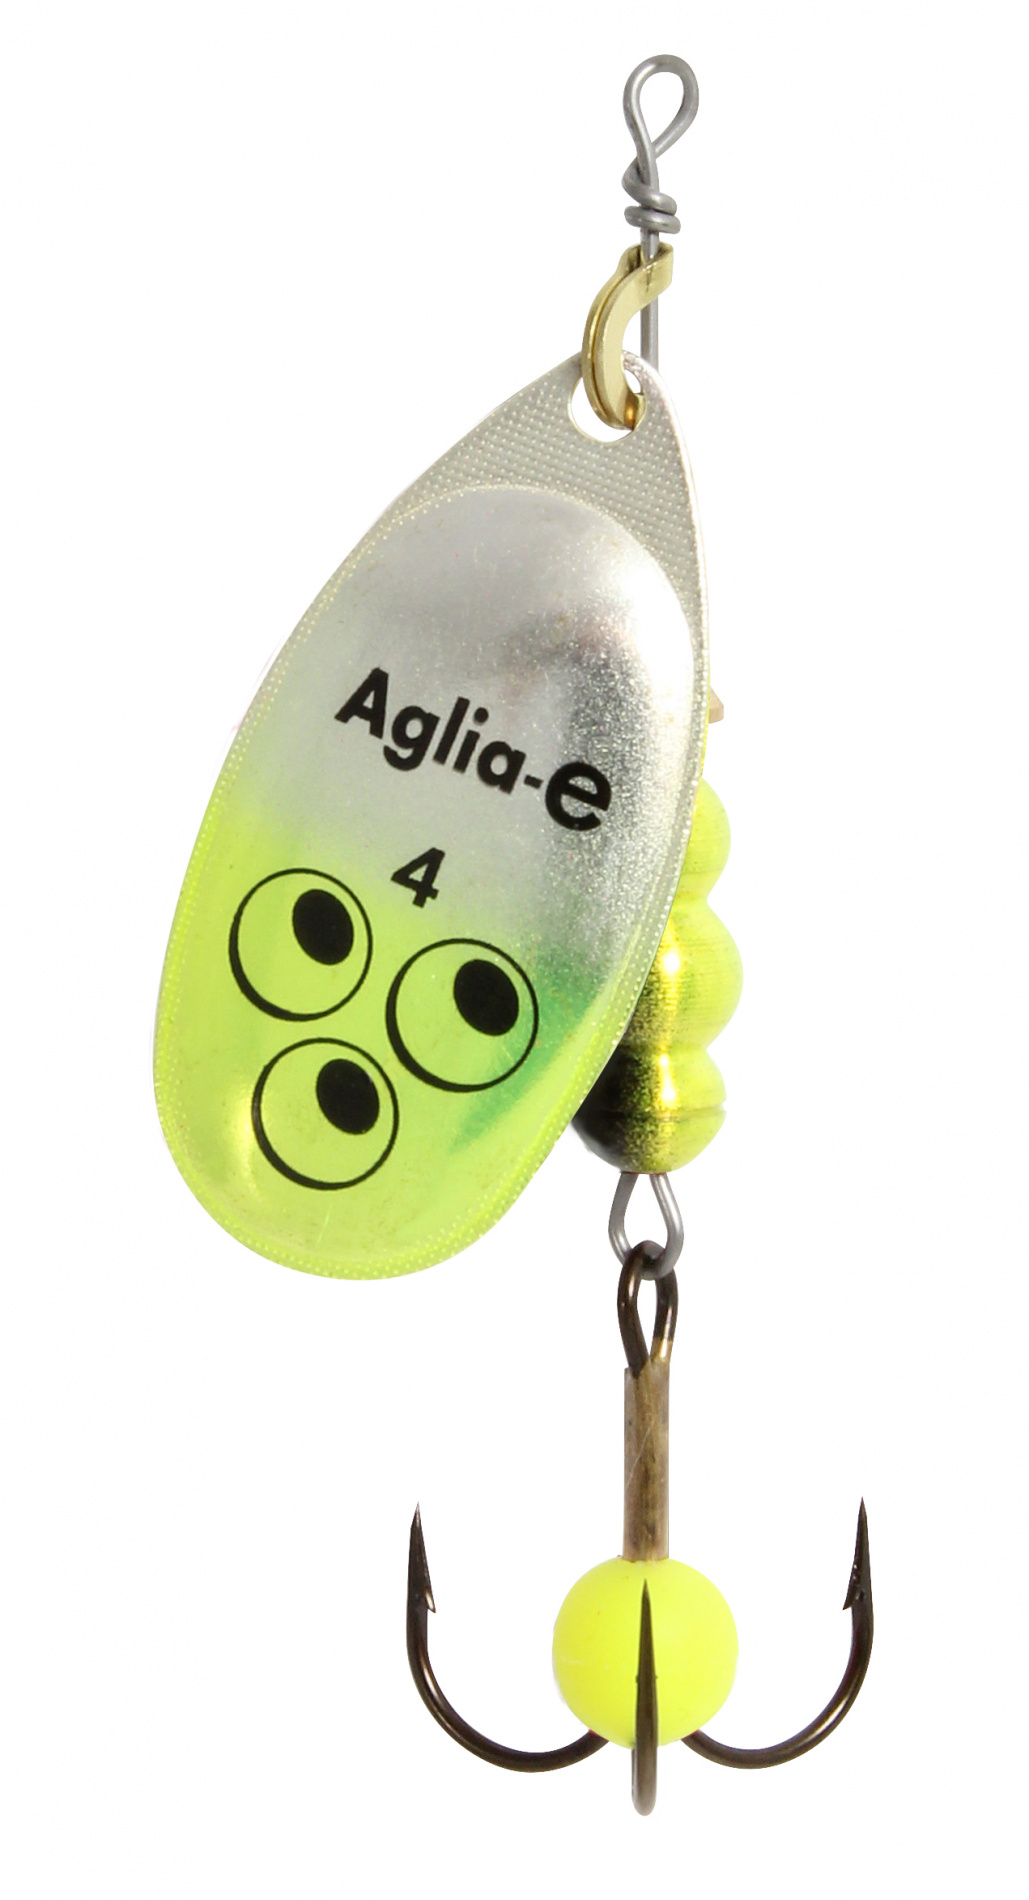 Блесна вращ. MEPPS Aglia E блистер №4 Chartreuse Bright mepps bug